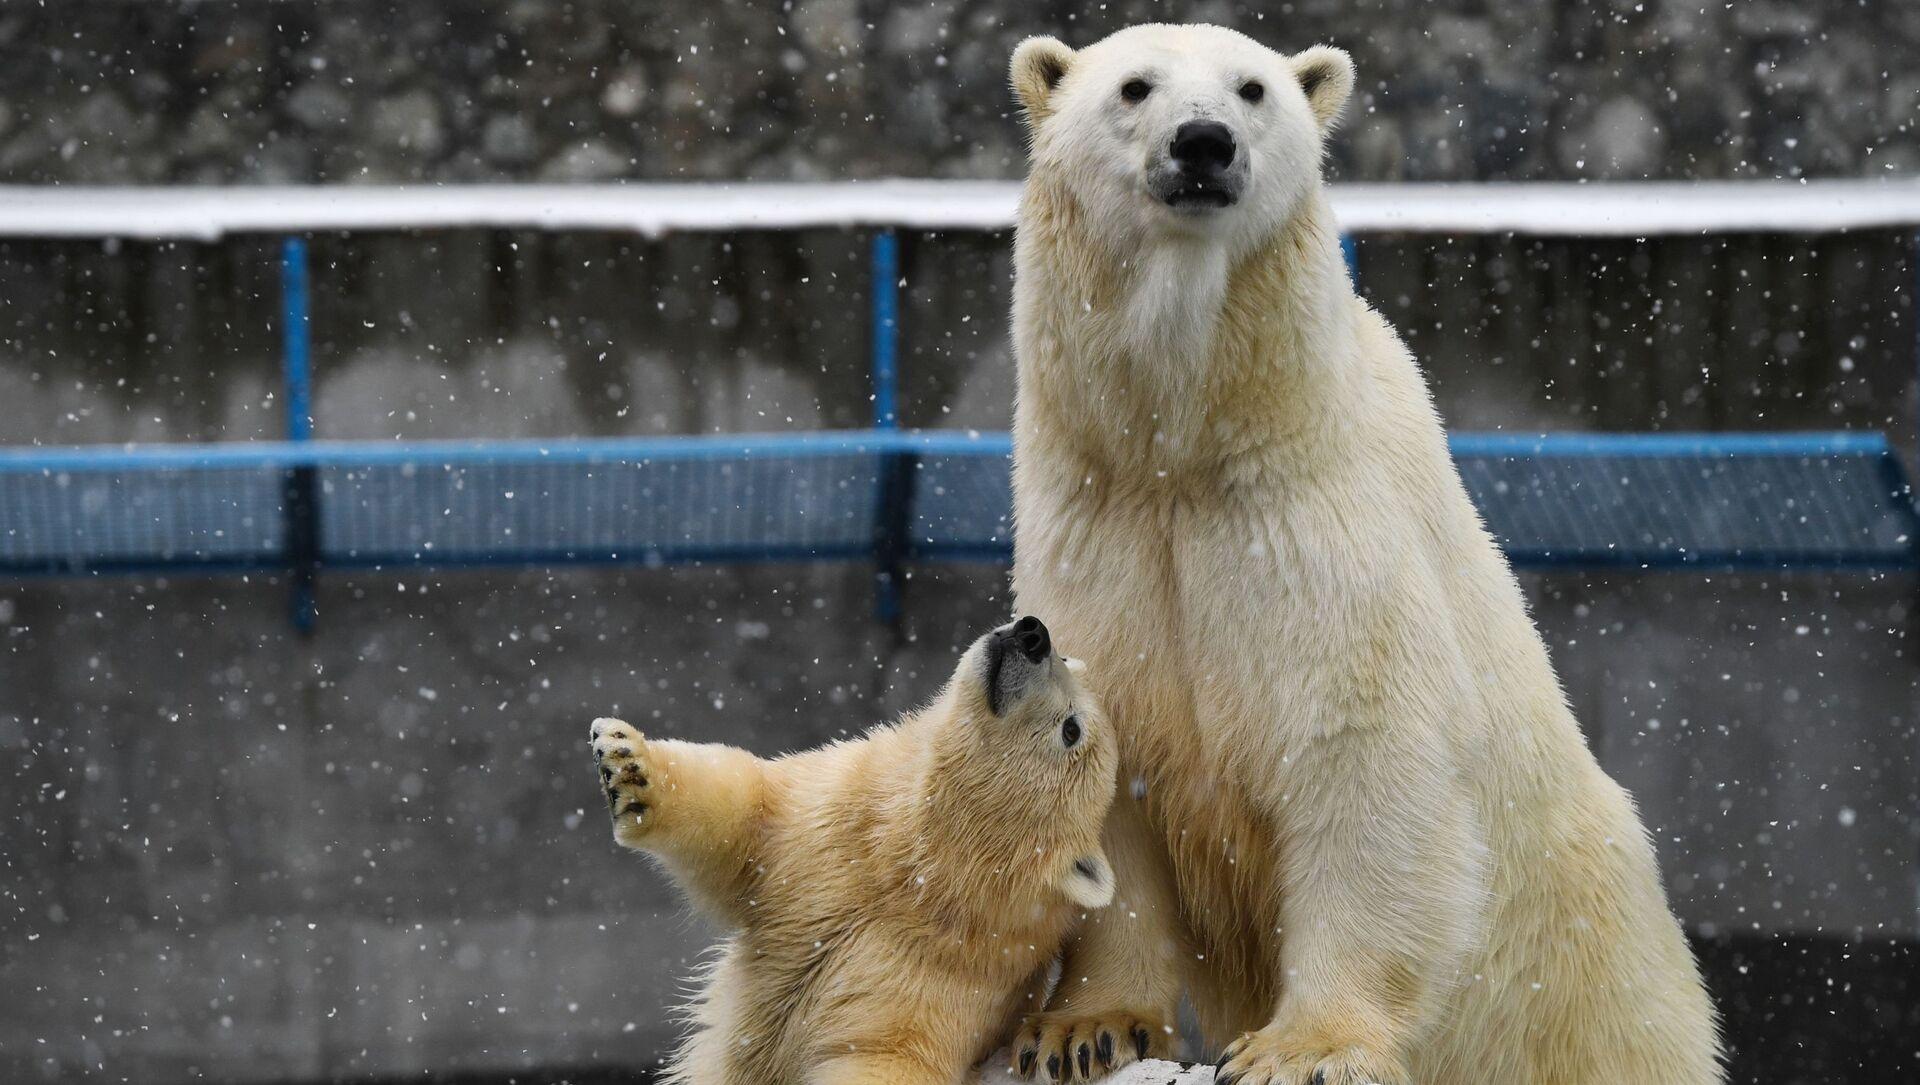 L'orso polare Gerda e il suo cucciolo allo zoo di Novosibirsk. - Sputnik Italia, 1920, 14.04.2021